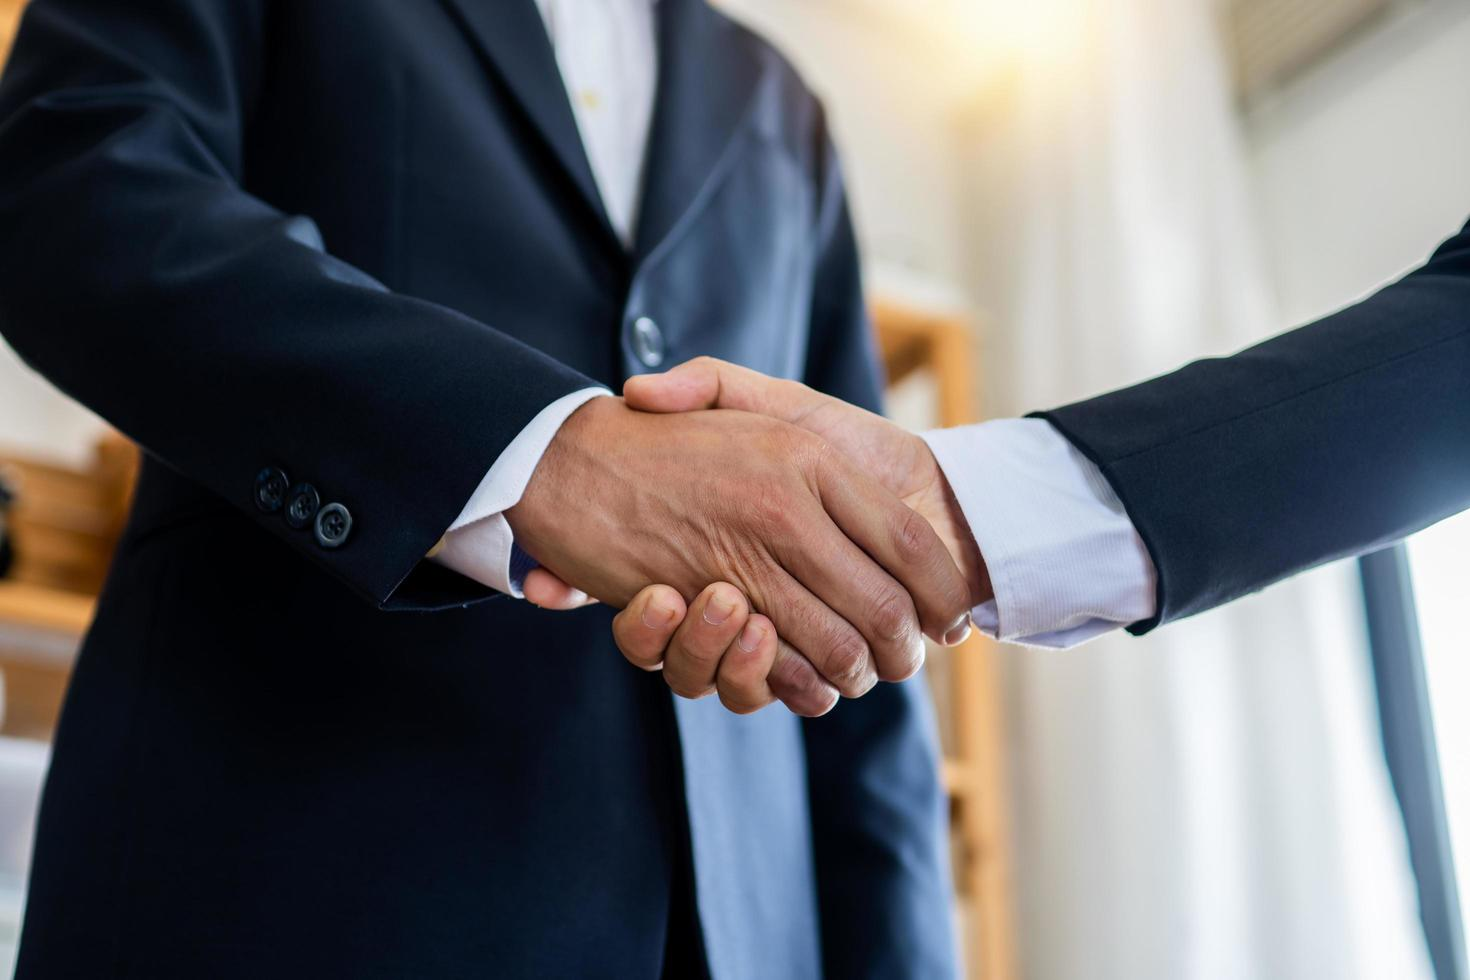 Dos empresarios se dan la mano para cerrar un acuerdo de negociación en el trabajo foto